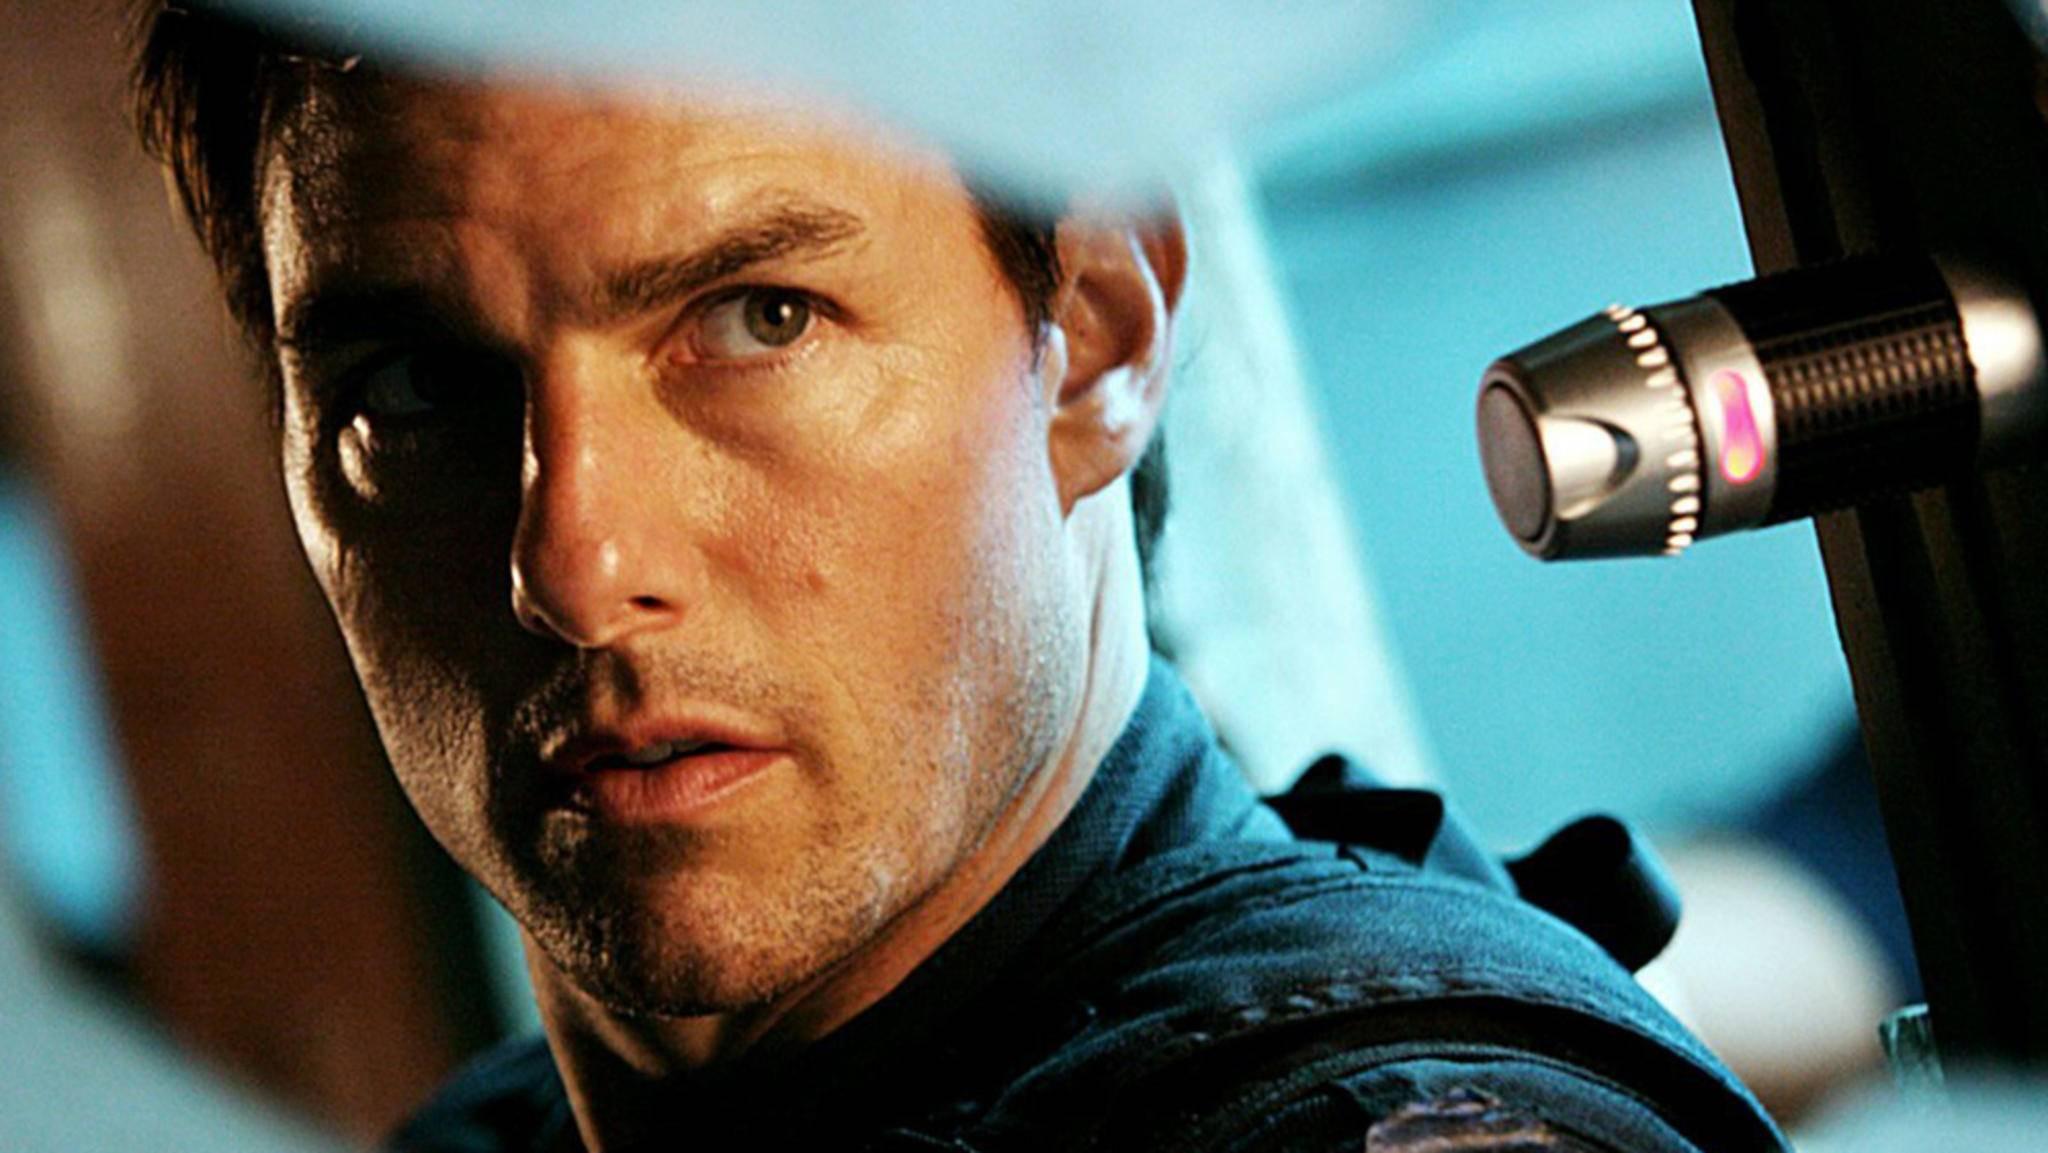 Wie lange Tom Cruise nicht vor die Kamera darf, soll nun der Arzt entscheiden.